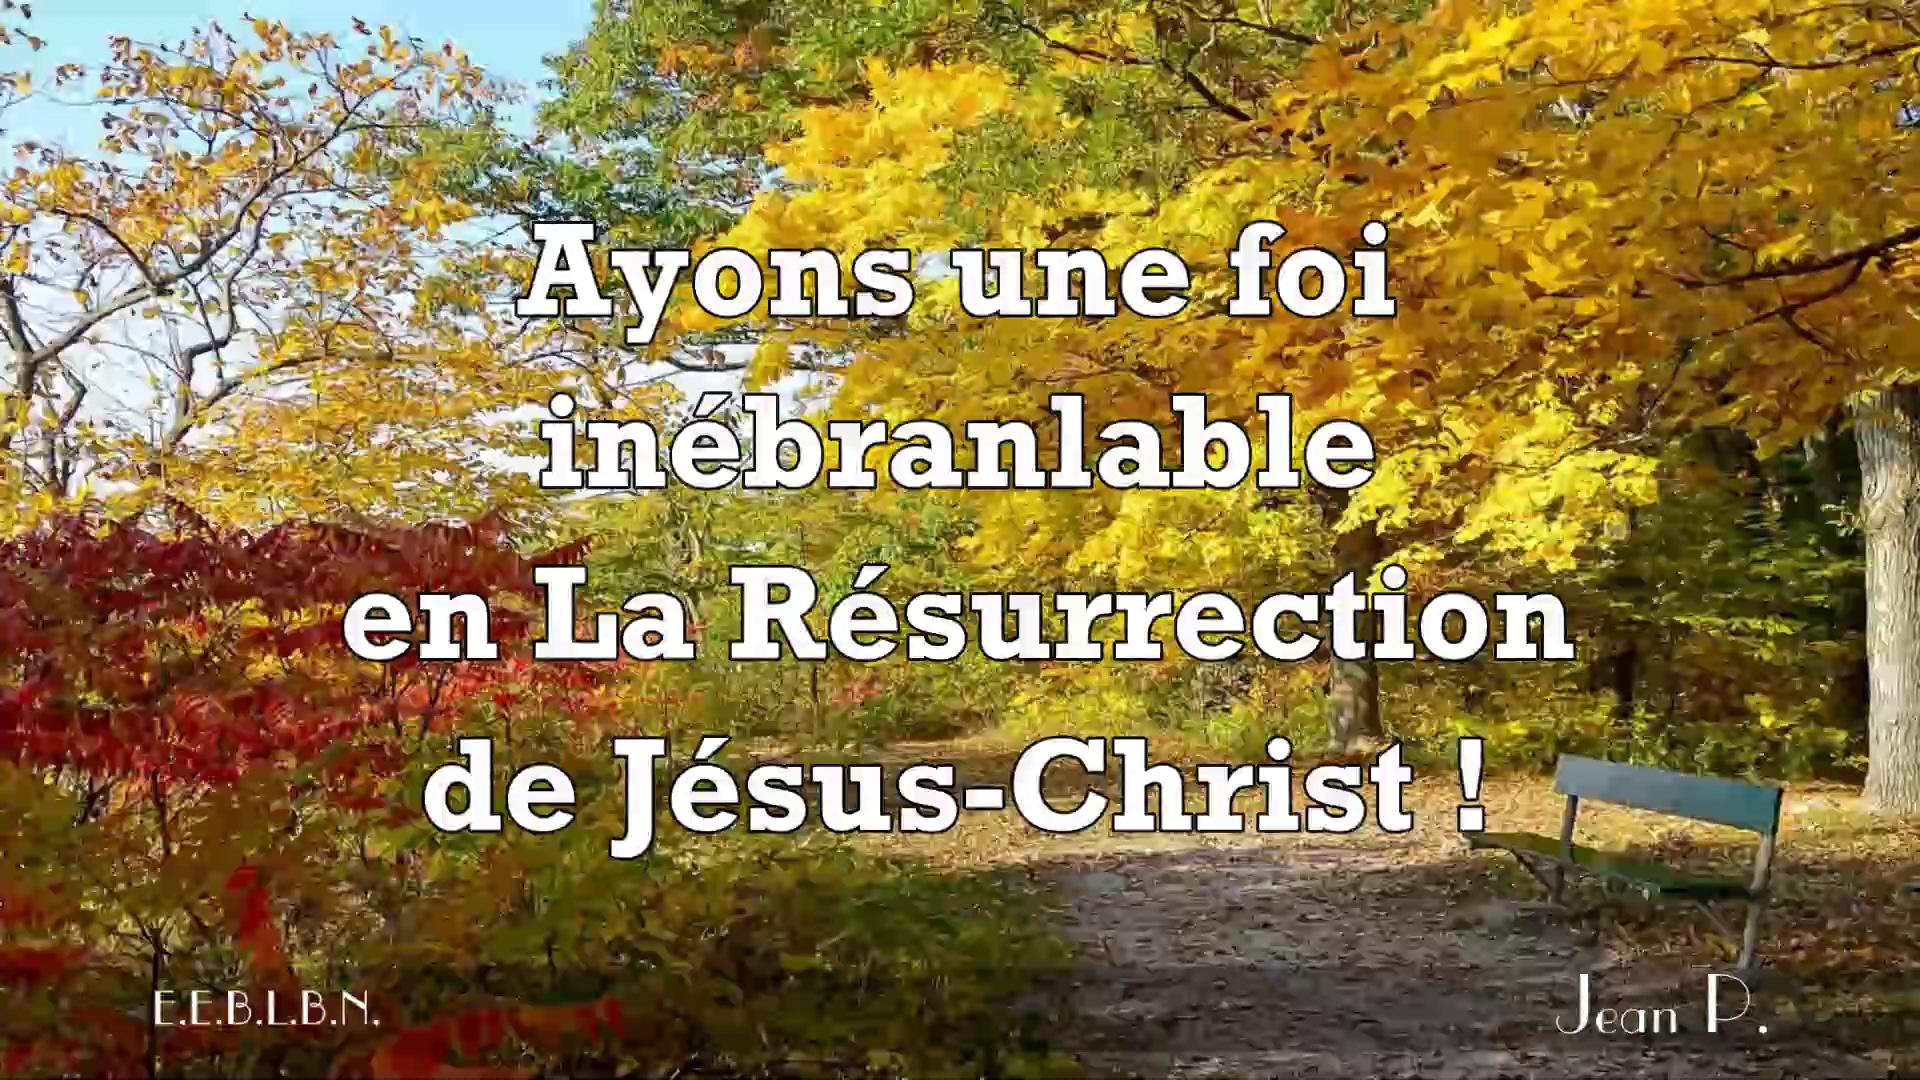 Ayons-une-foi-inébranlable-en-Jésus-Christ-ressuscité